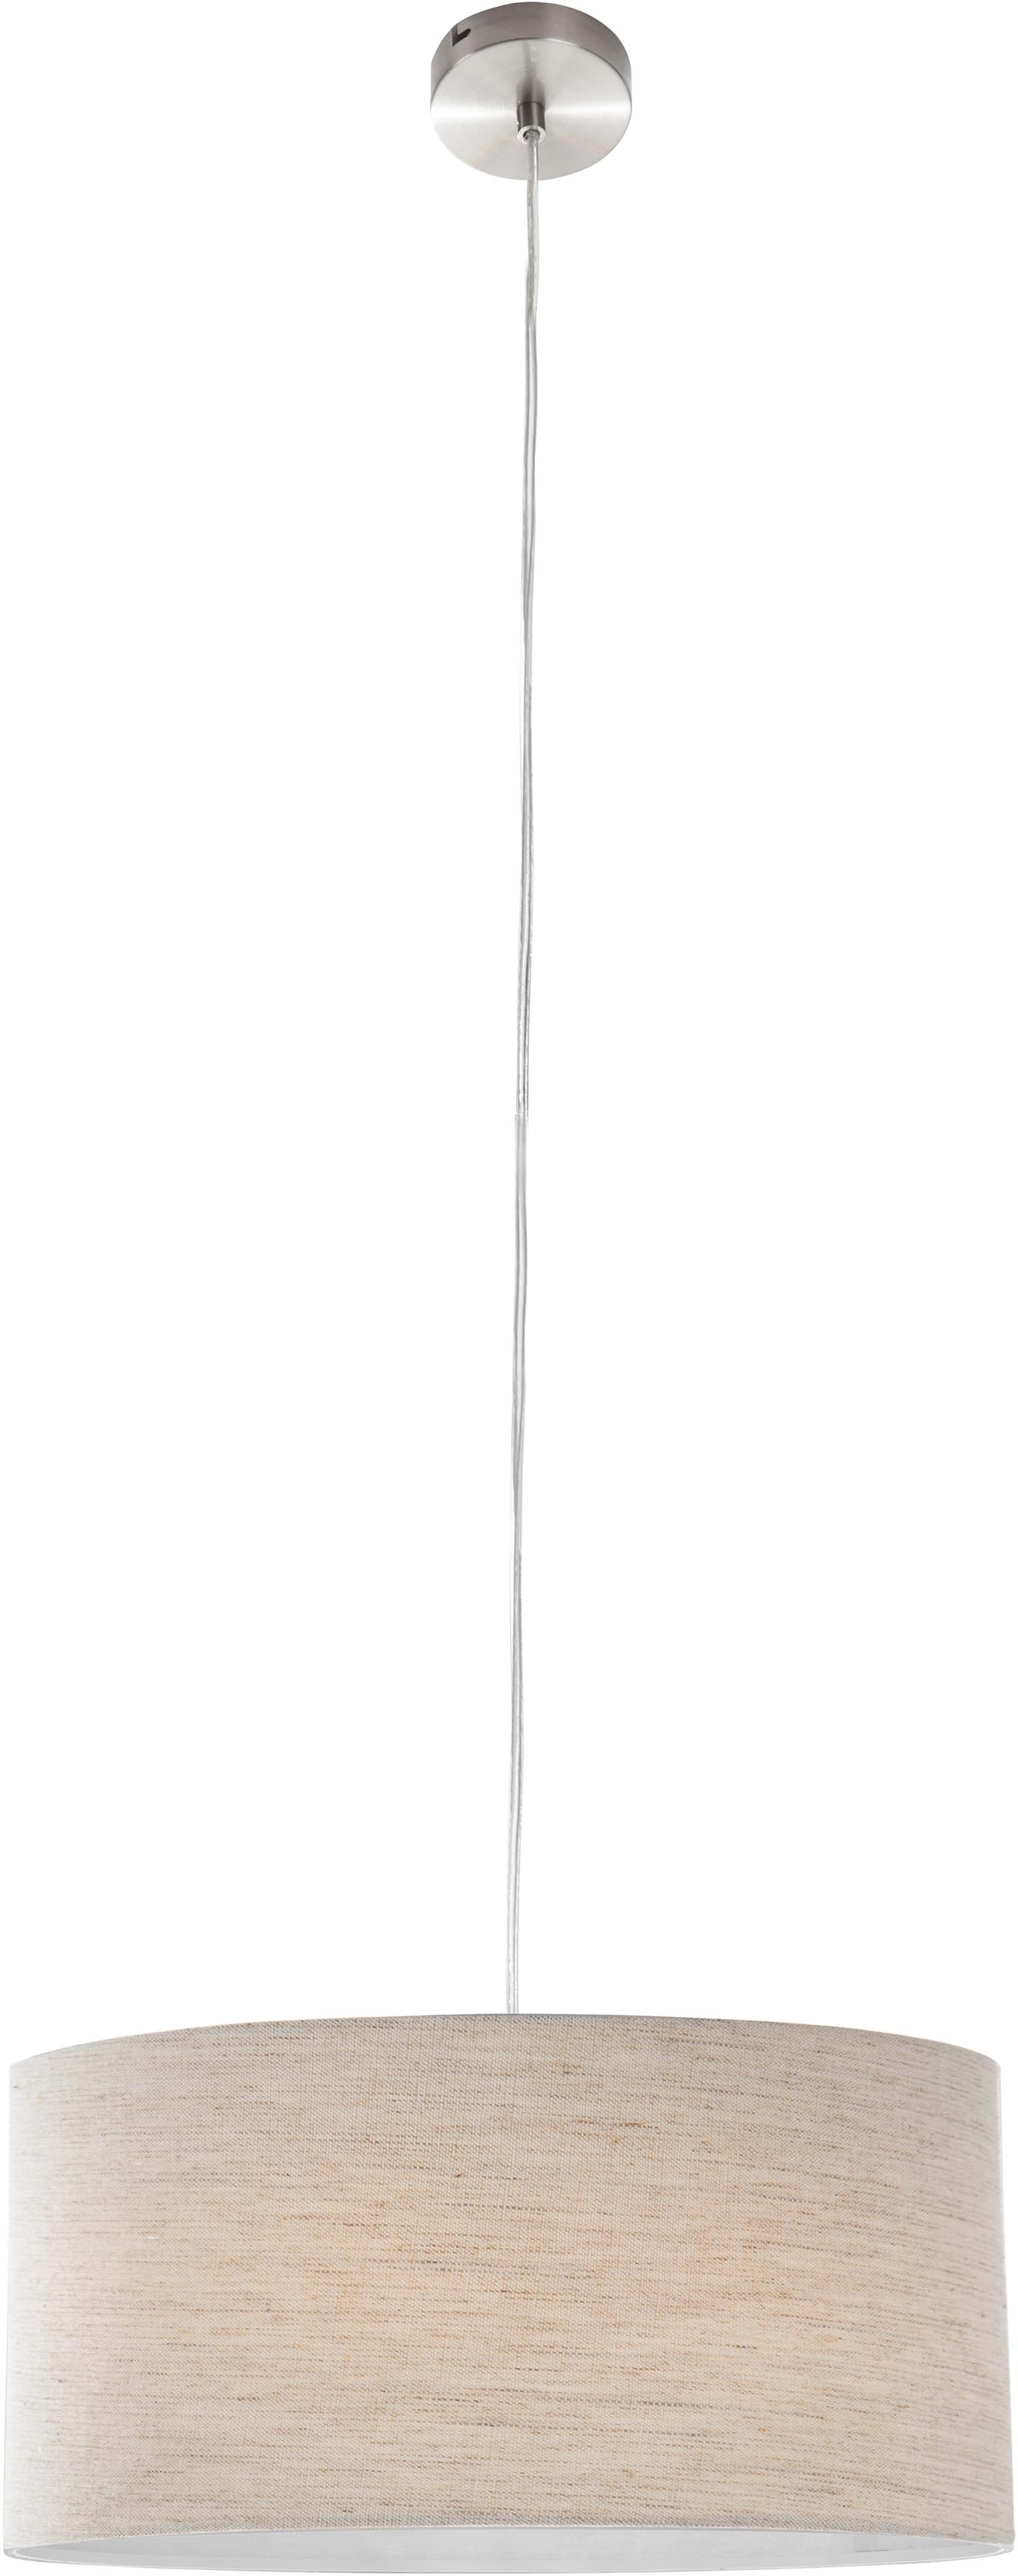 Nino Leuchten LED Pendelleuchte Lee, E27, 1 St., Neutralweiß, inkl. 1x E27 Leuchtmittel